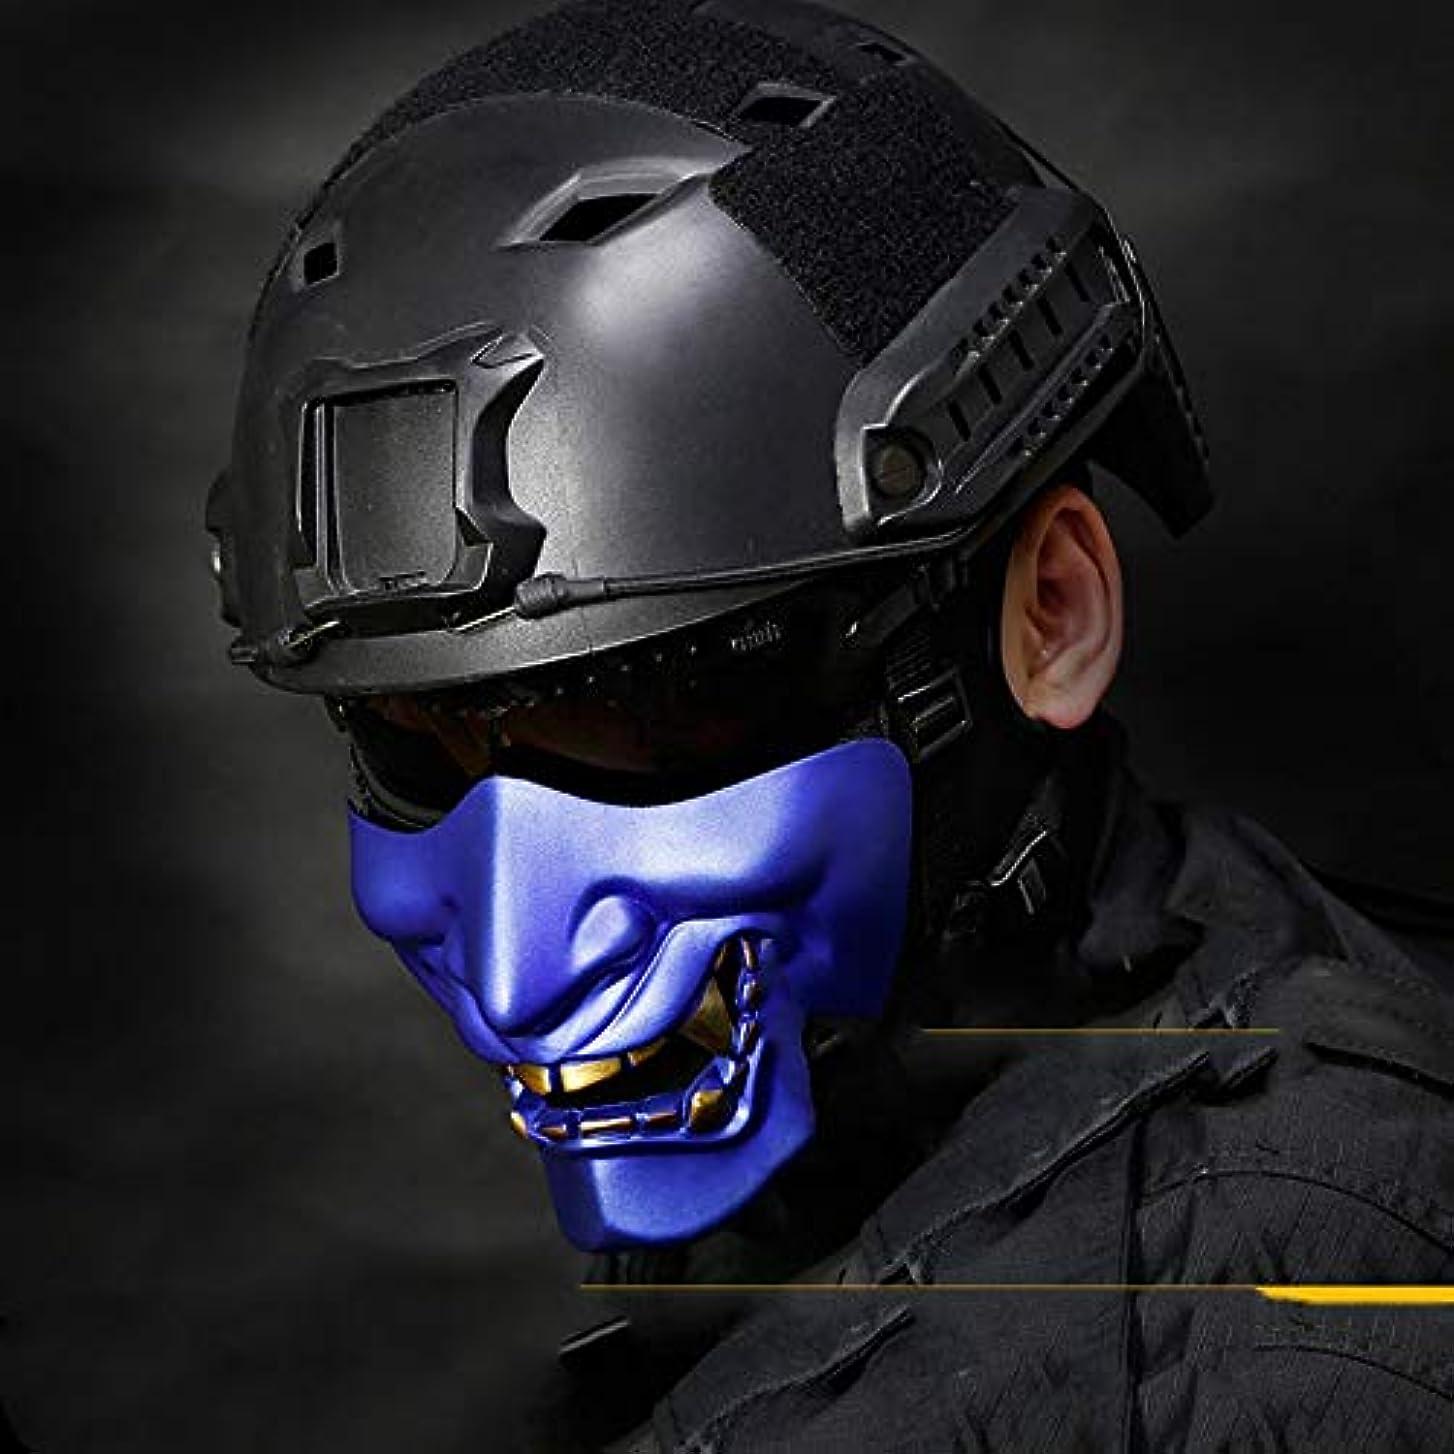 シャーロックホームズ見るなめらかなETH ハロウィンパーティーコス悪魔ホラーマン/ウーマンしかめっ面/タクティカルハーフフェイスマスク 適用されます (色 : Blue)